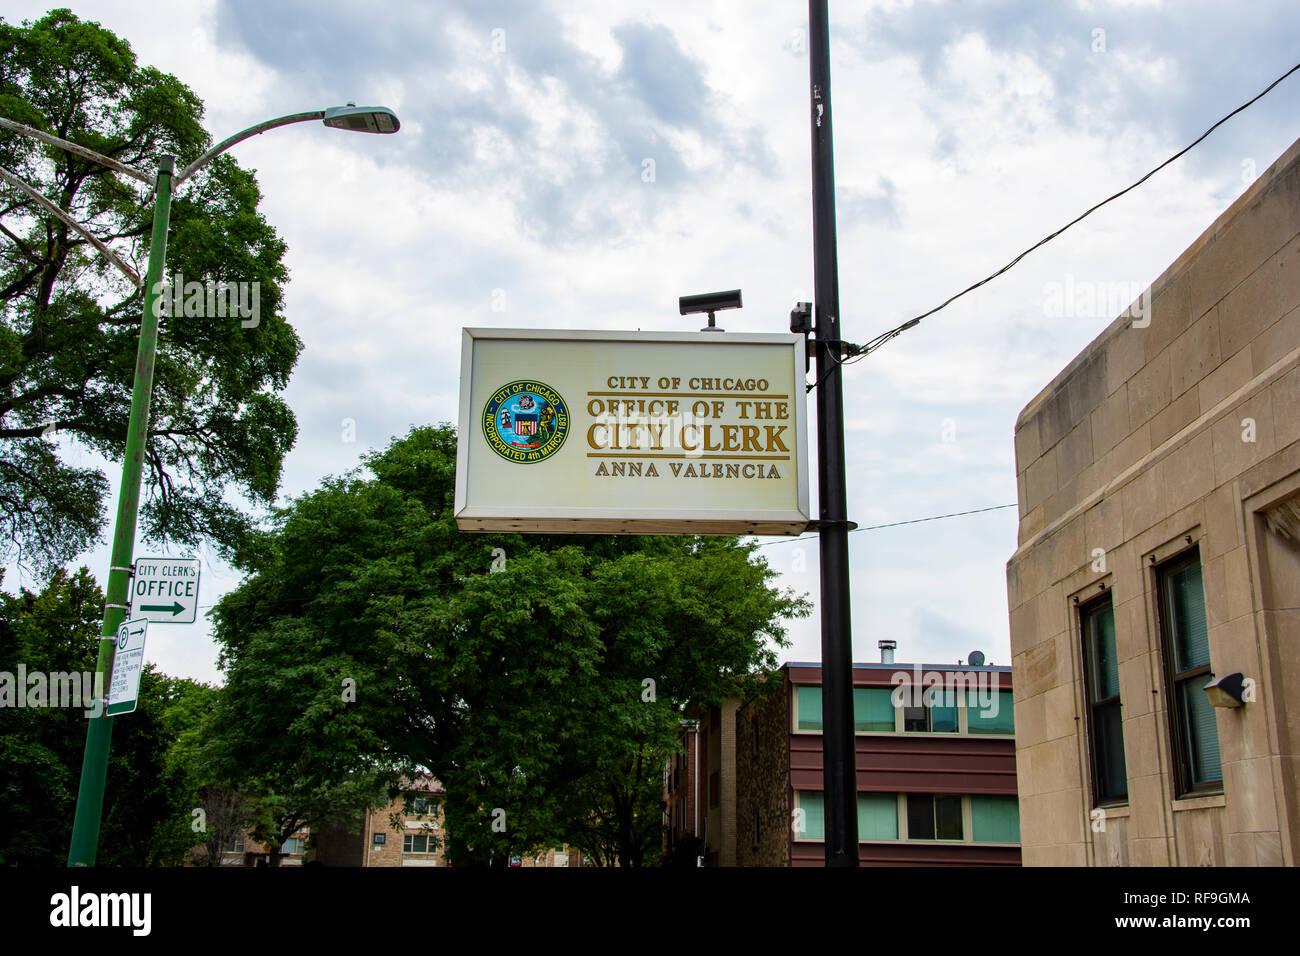 Chicago, Illinois, United States - 9 août 2018: Shot du signe en face de l'office de greffier de la ville de Chicago situé à Jefferson Park, Chi Photo Stock